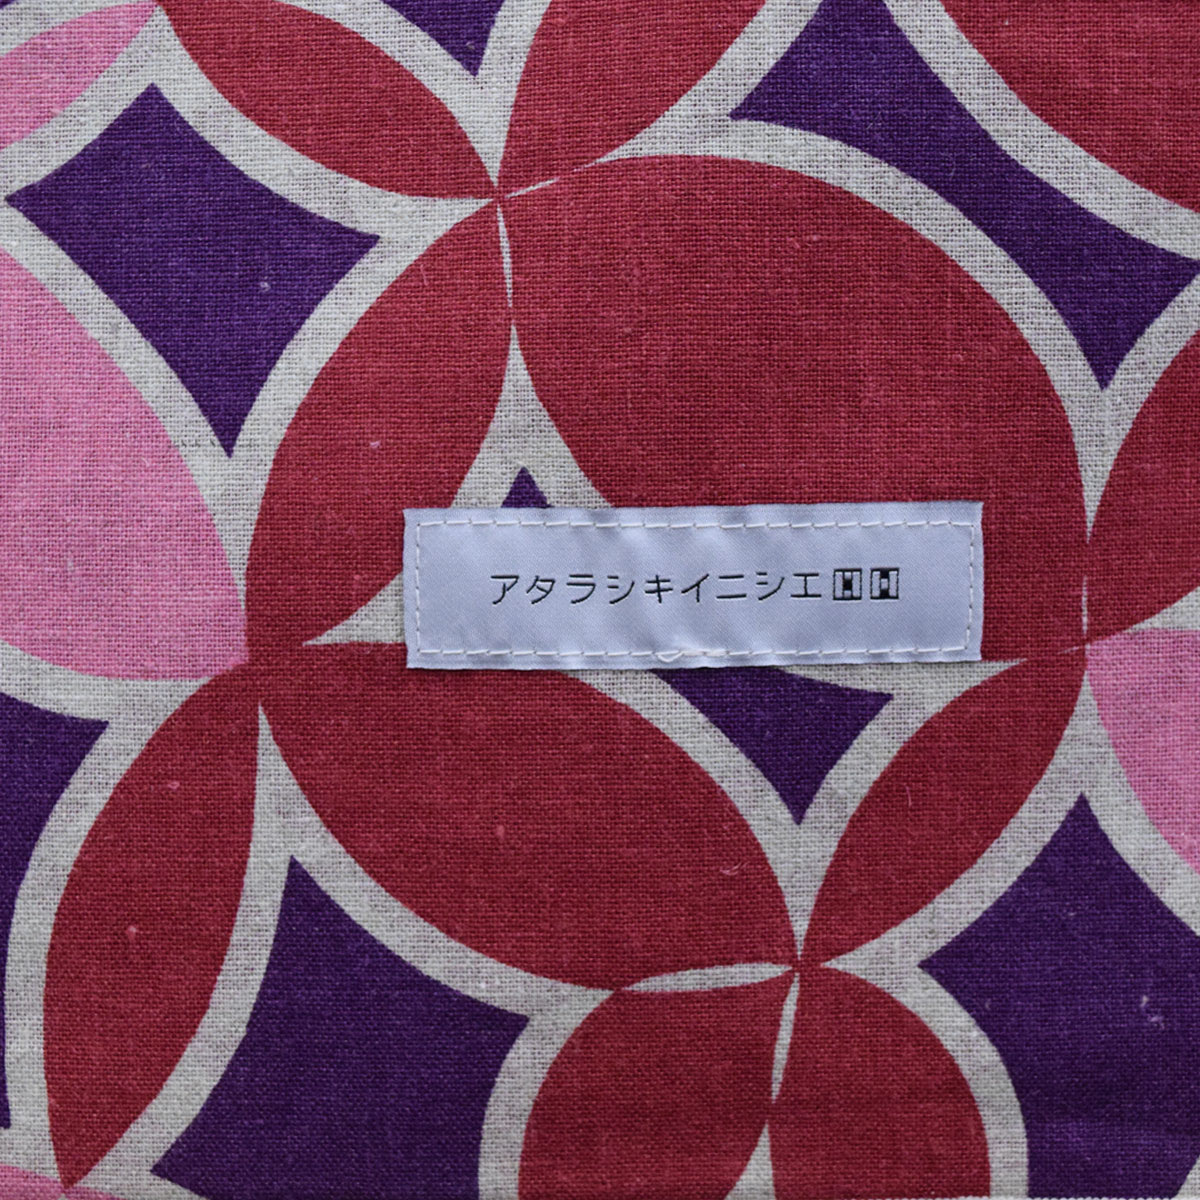 ふろしき 中巾 アタラシキイニシエ shippou ブラウン ワインレッド